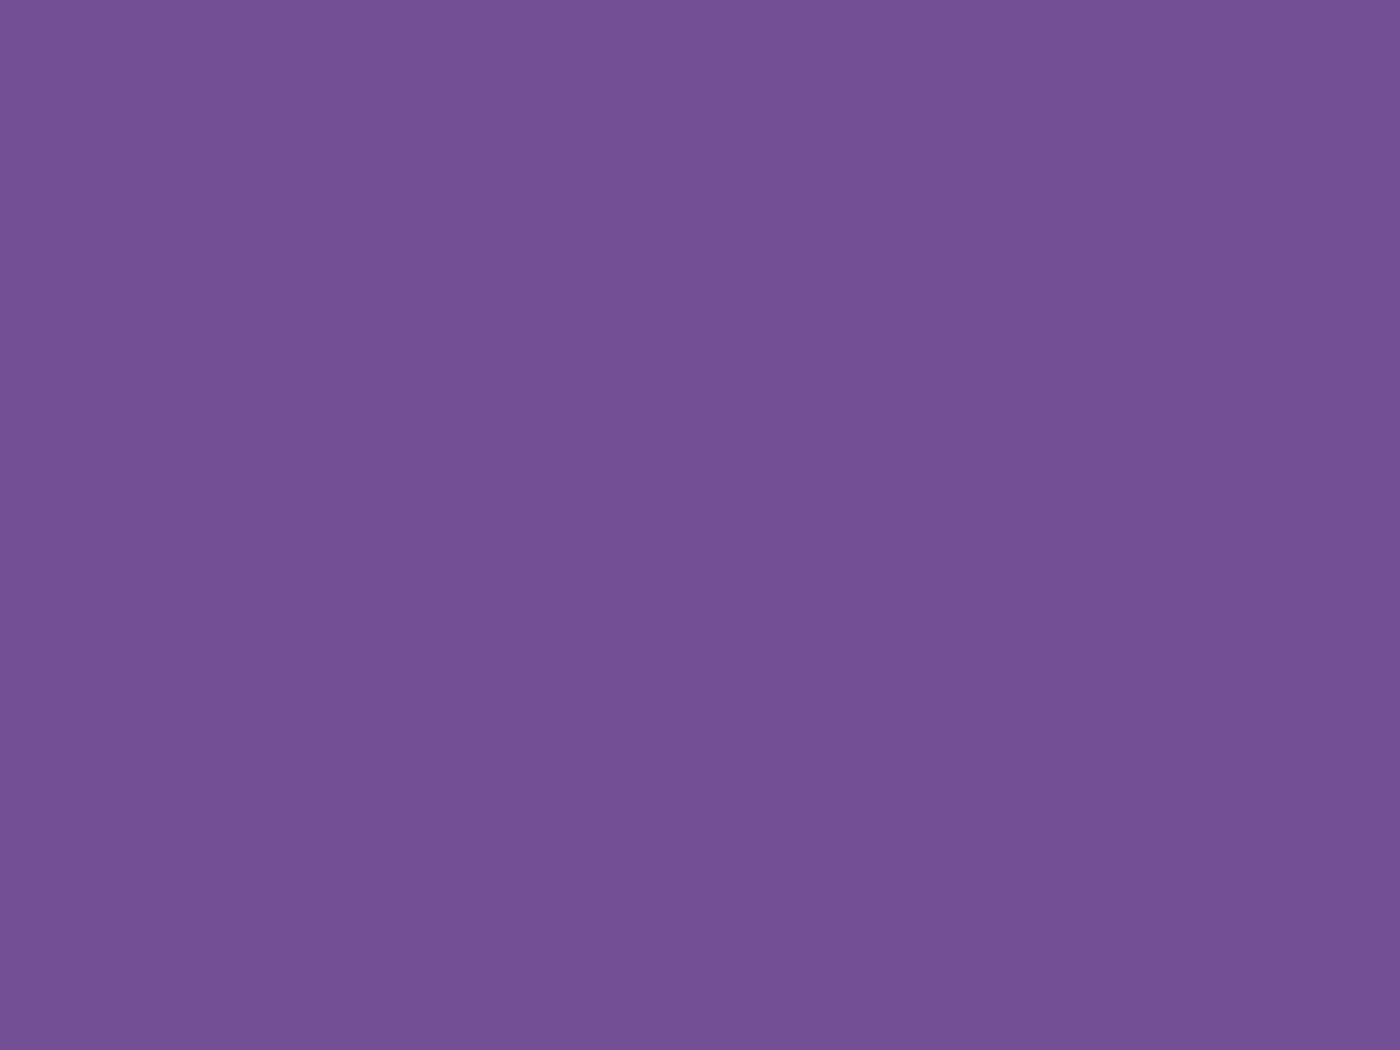 1400x1050 Dark Lavender Solid Color Background